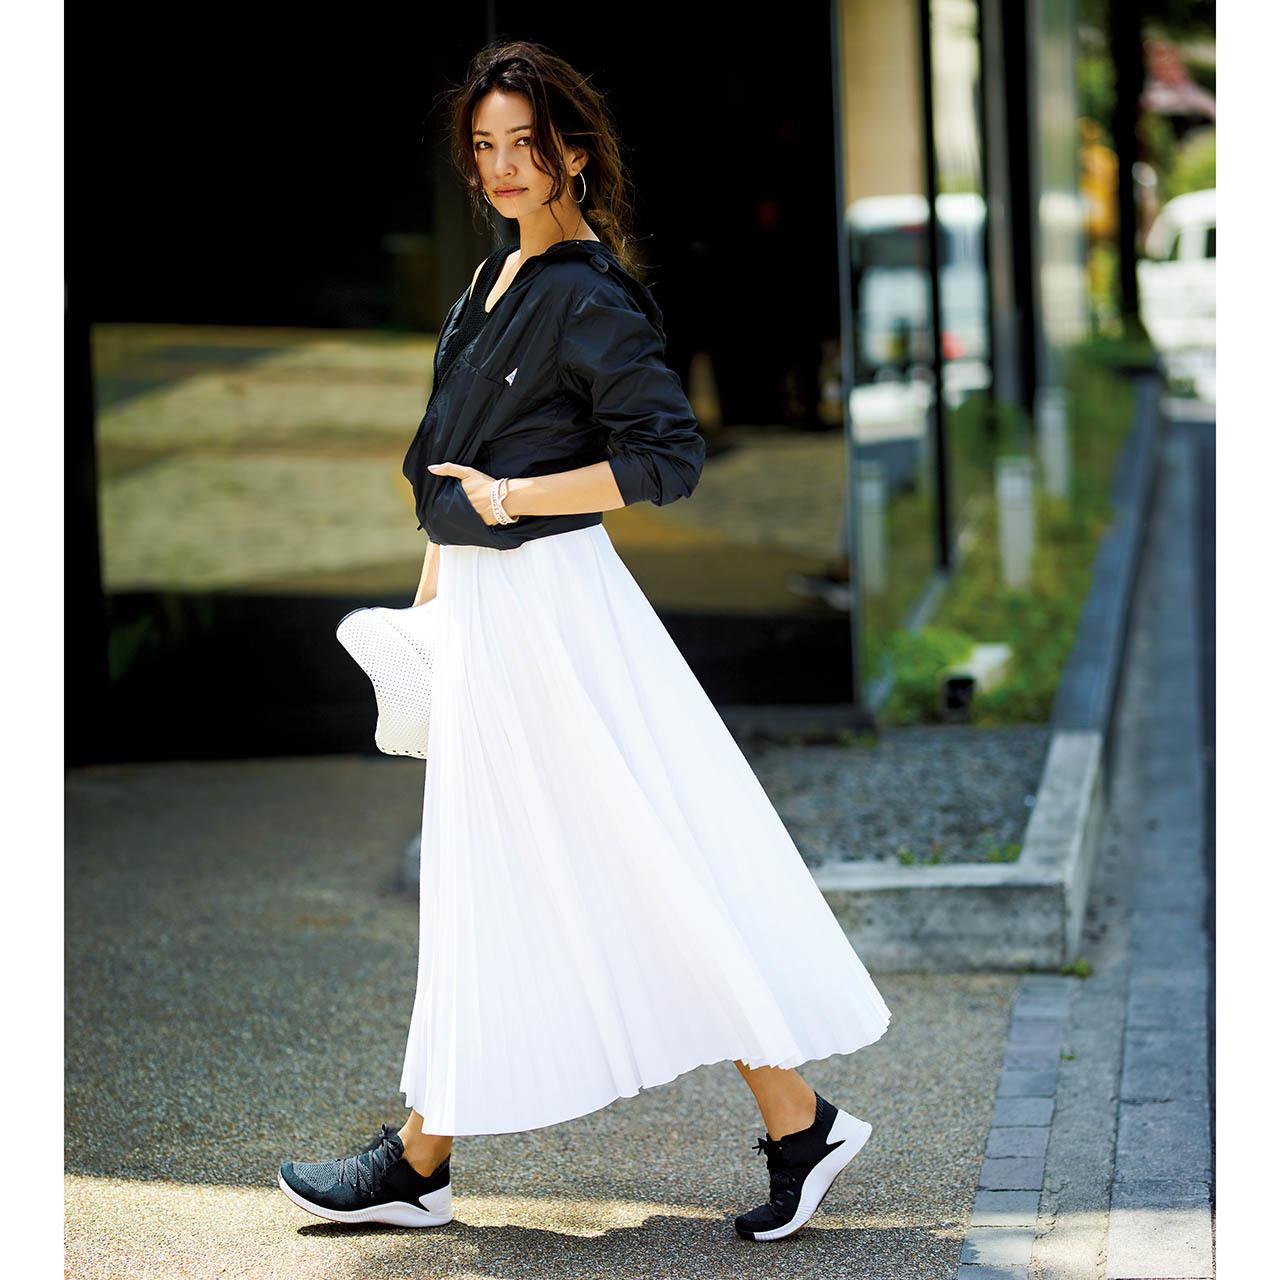 黒パーカ×白ロングスカートでモノトーンコーデ